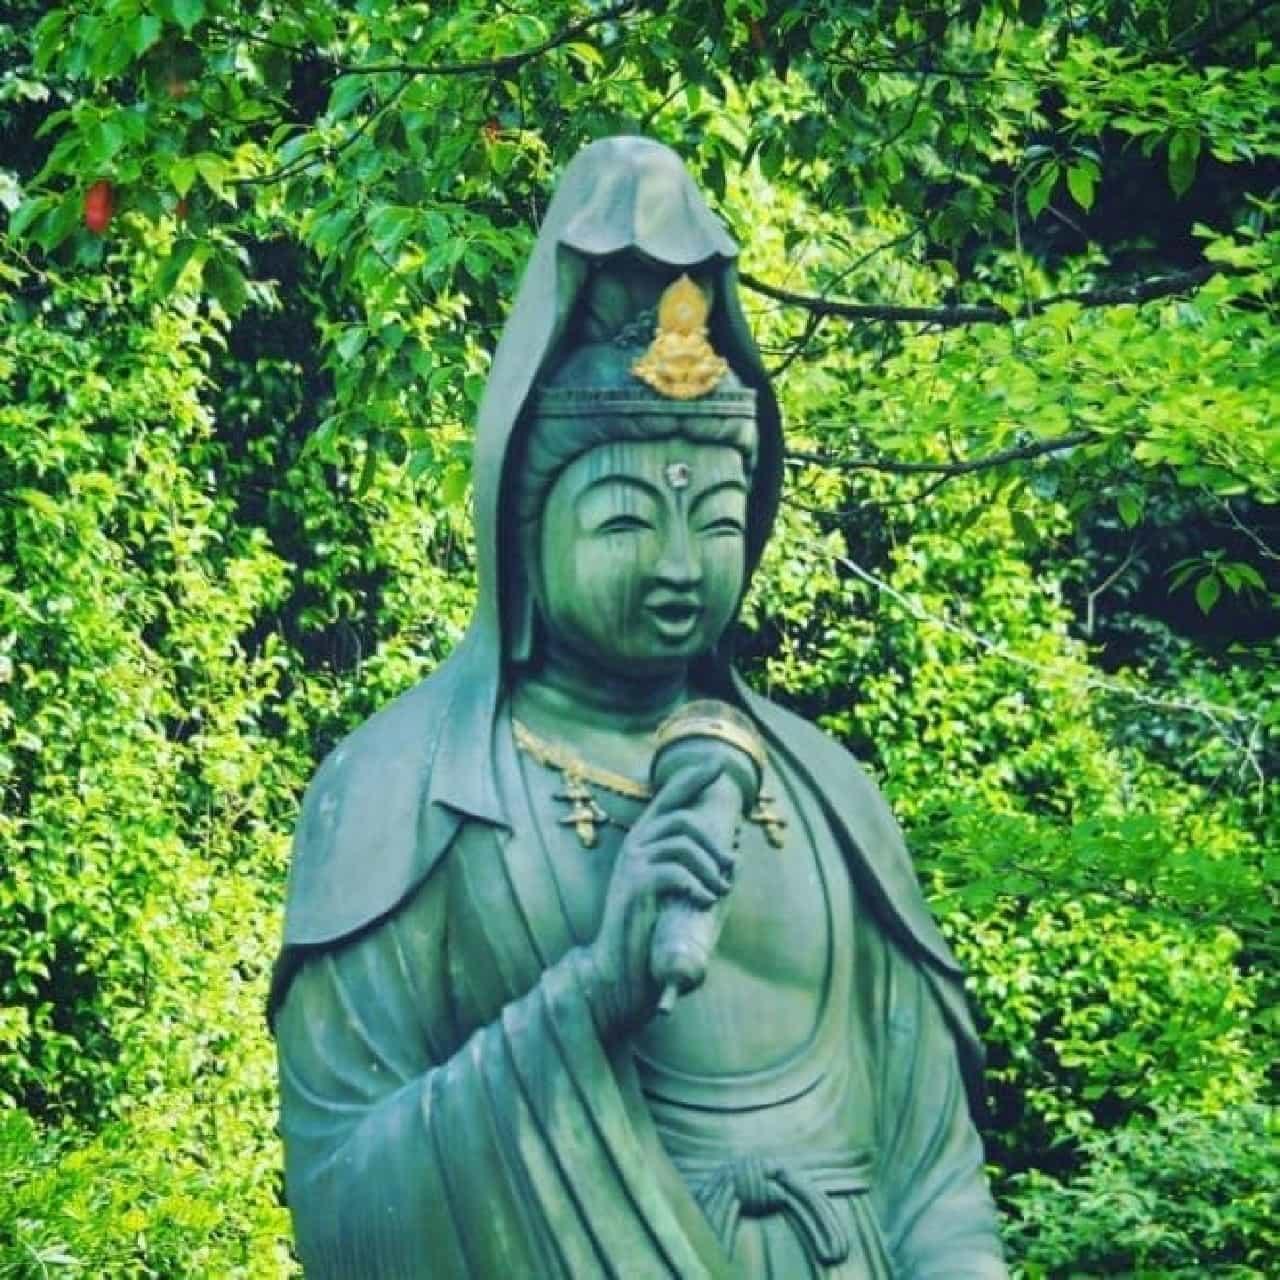 カラオケ観音様のある三重県の「大観音寺」